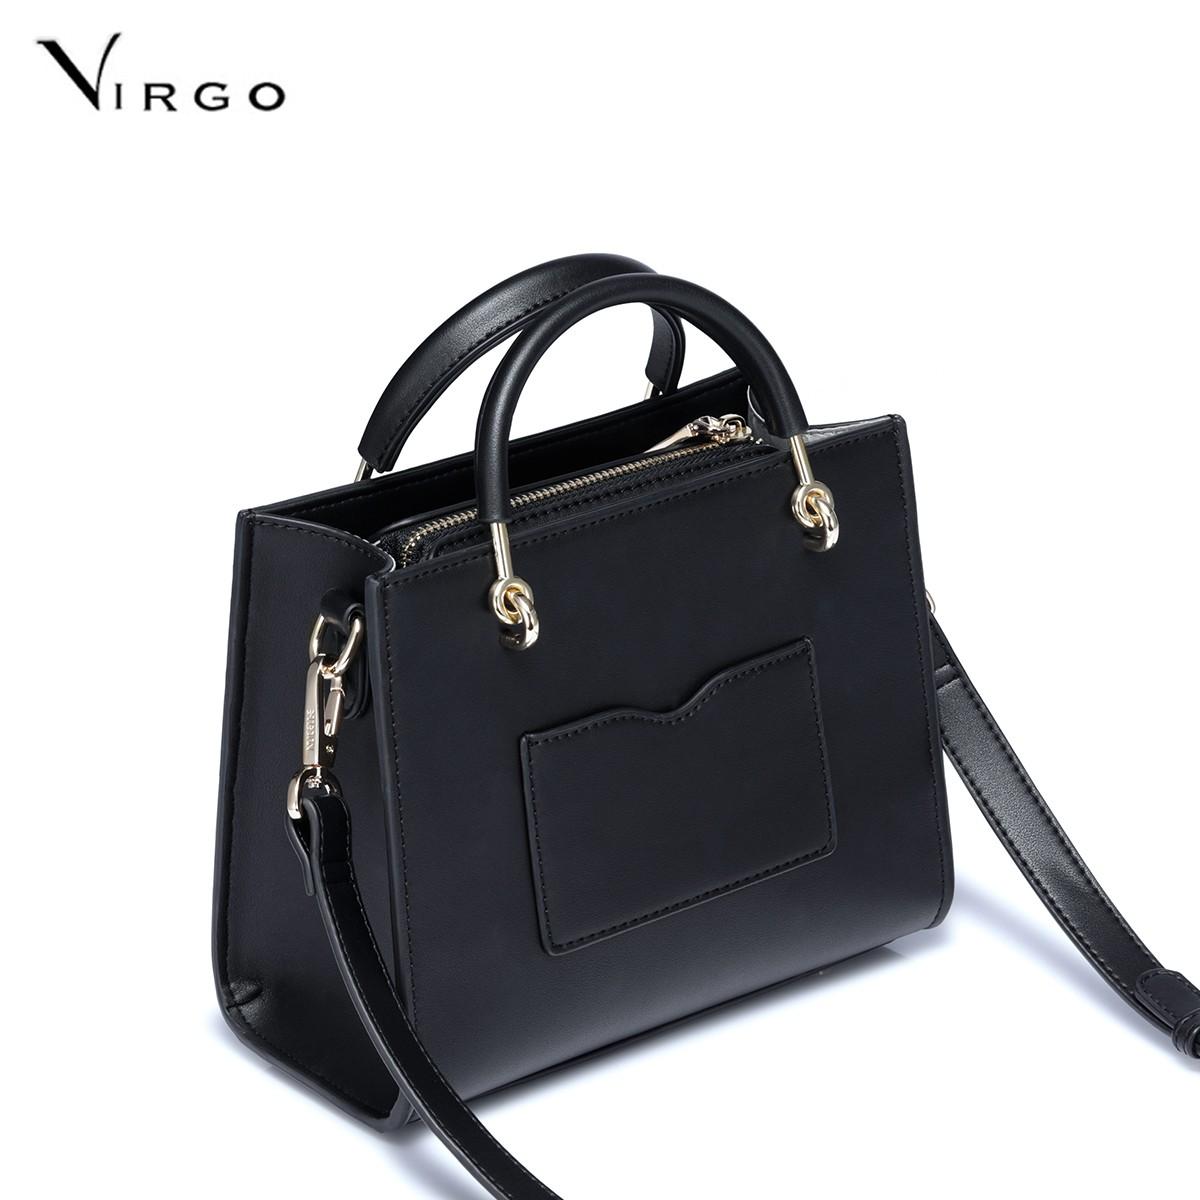 Túi nữ Hàn Quốc Virgo VG408